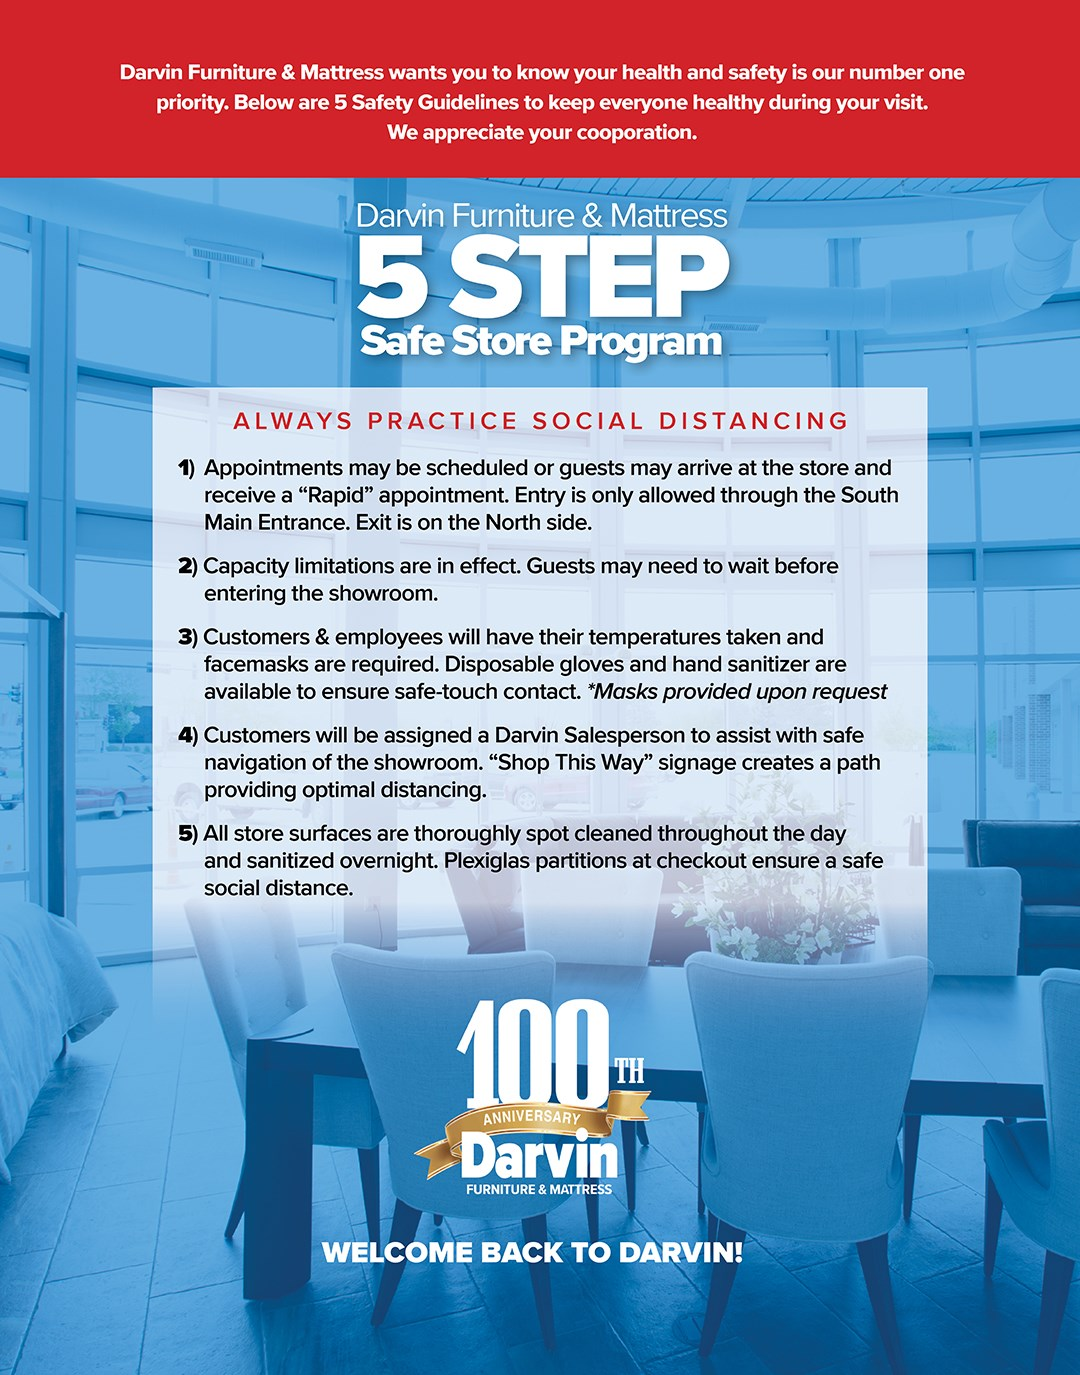 Darvin 5 Step Safe Store Program